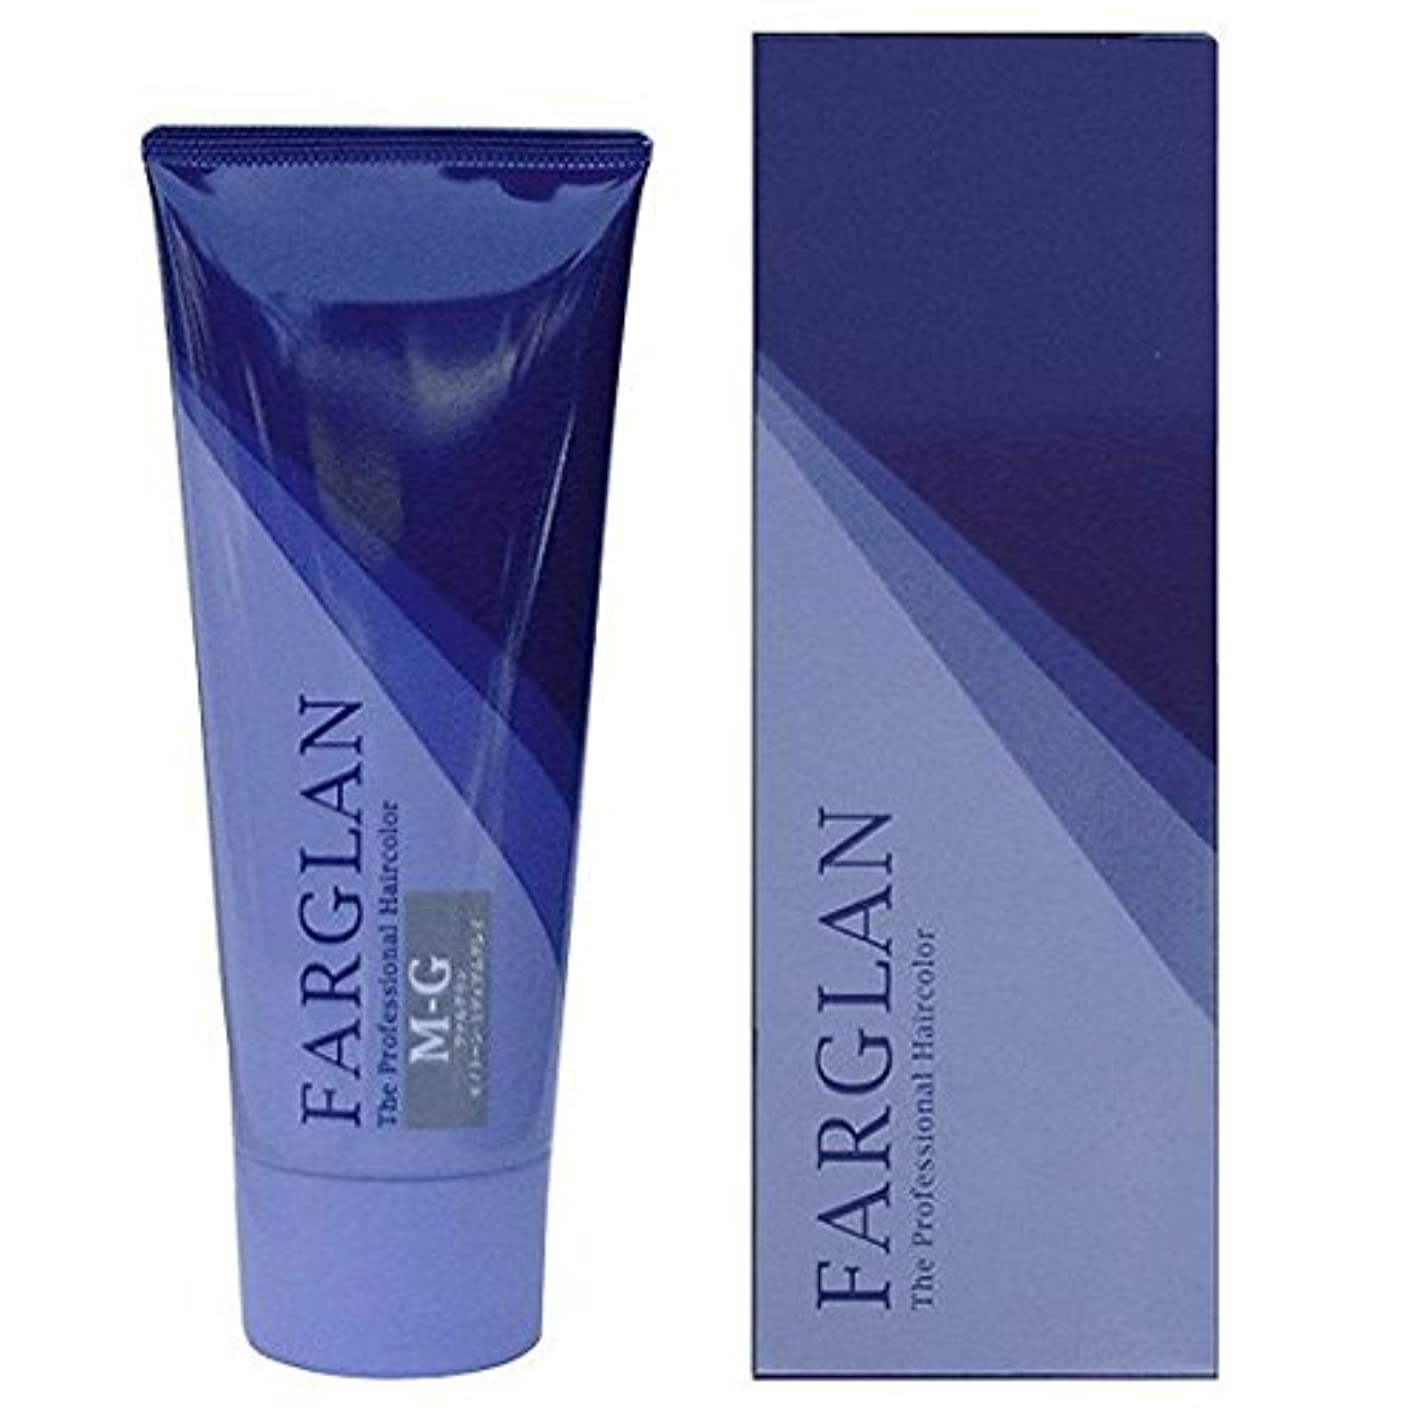 ひねりドレス対抗FARGLAN(ファルグラン) ヘアカラー P-P(Pale-Purple) 160g